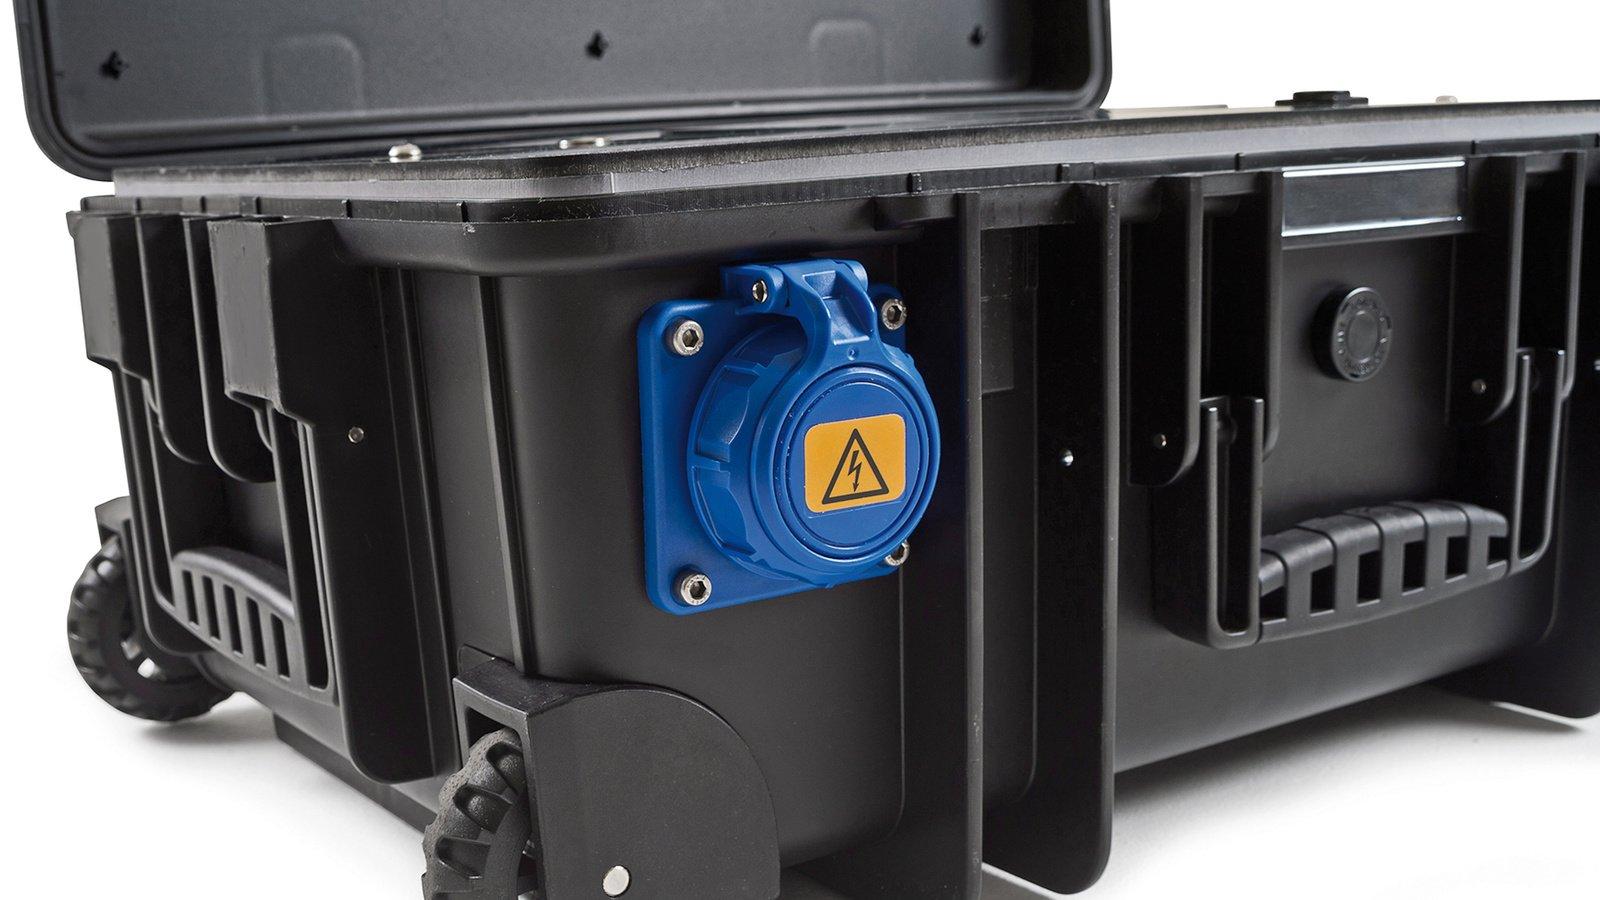 Die Stromanschlüsse des Koffers sind gegen Wasser geschützt.